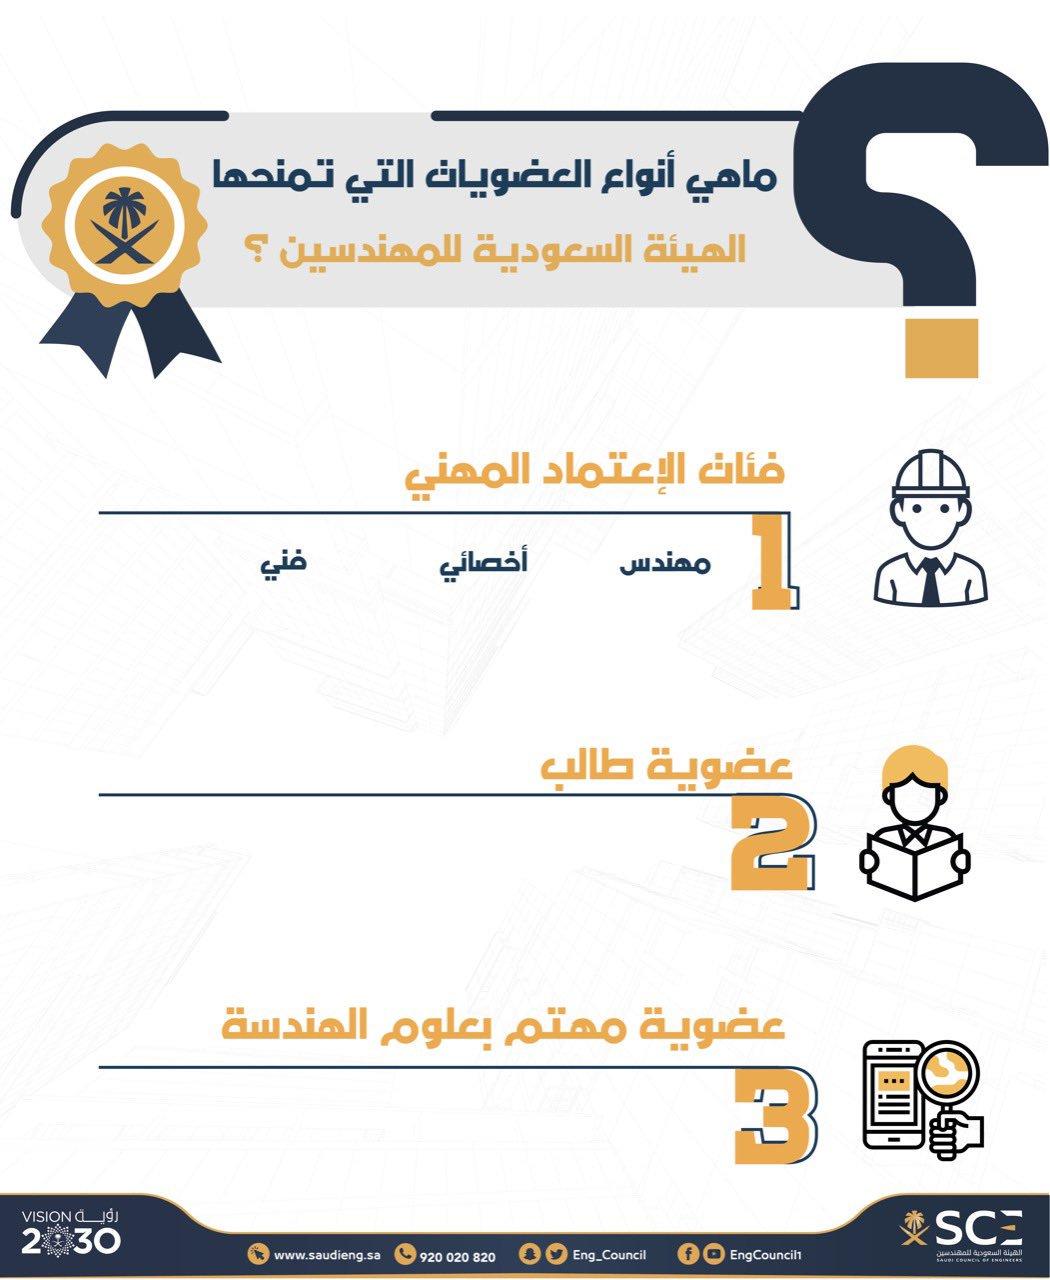 الهيئة السعودية للمهندسين V Twitter تعر ف على أنواع عضويات هيئة المهندسين